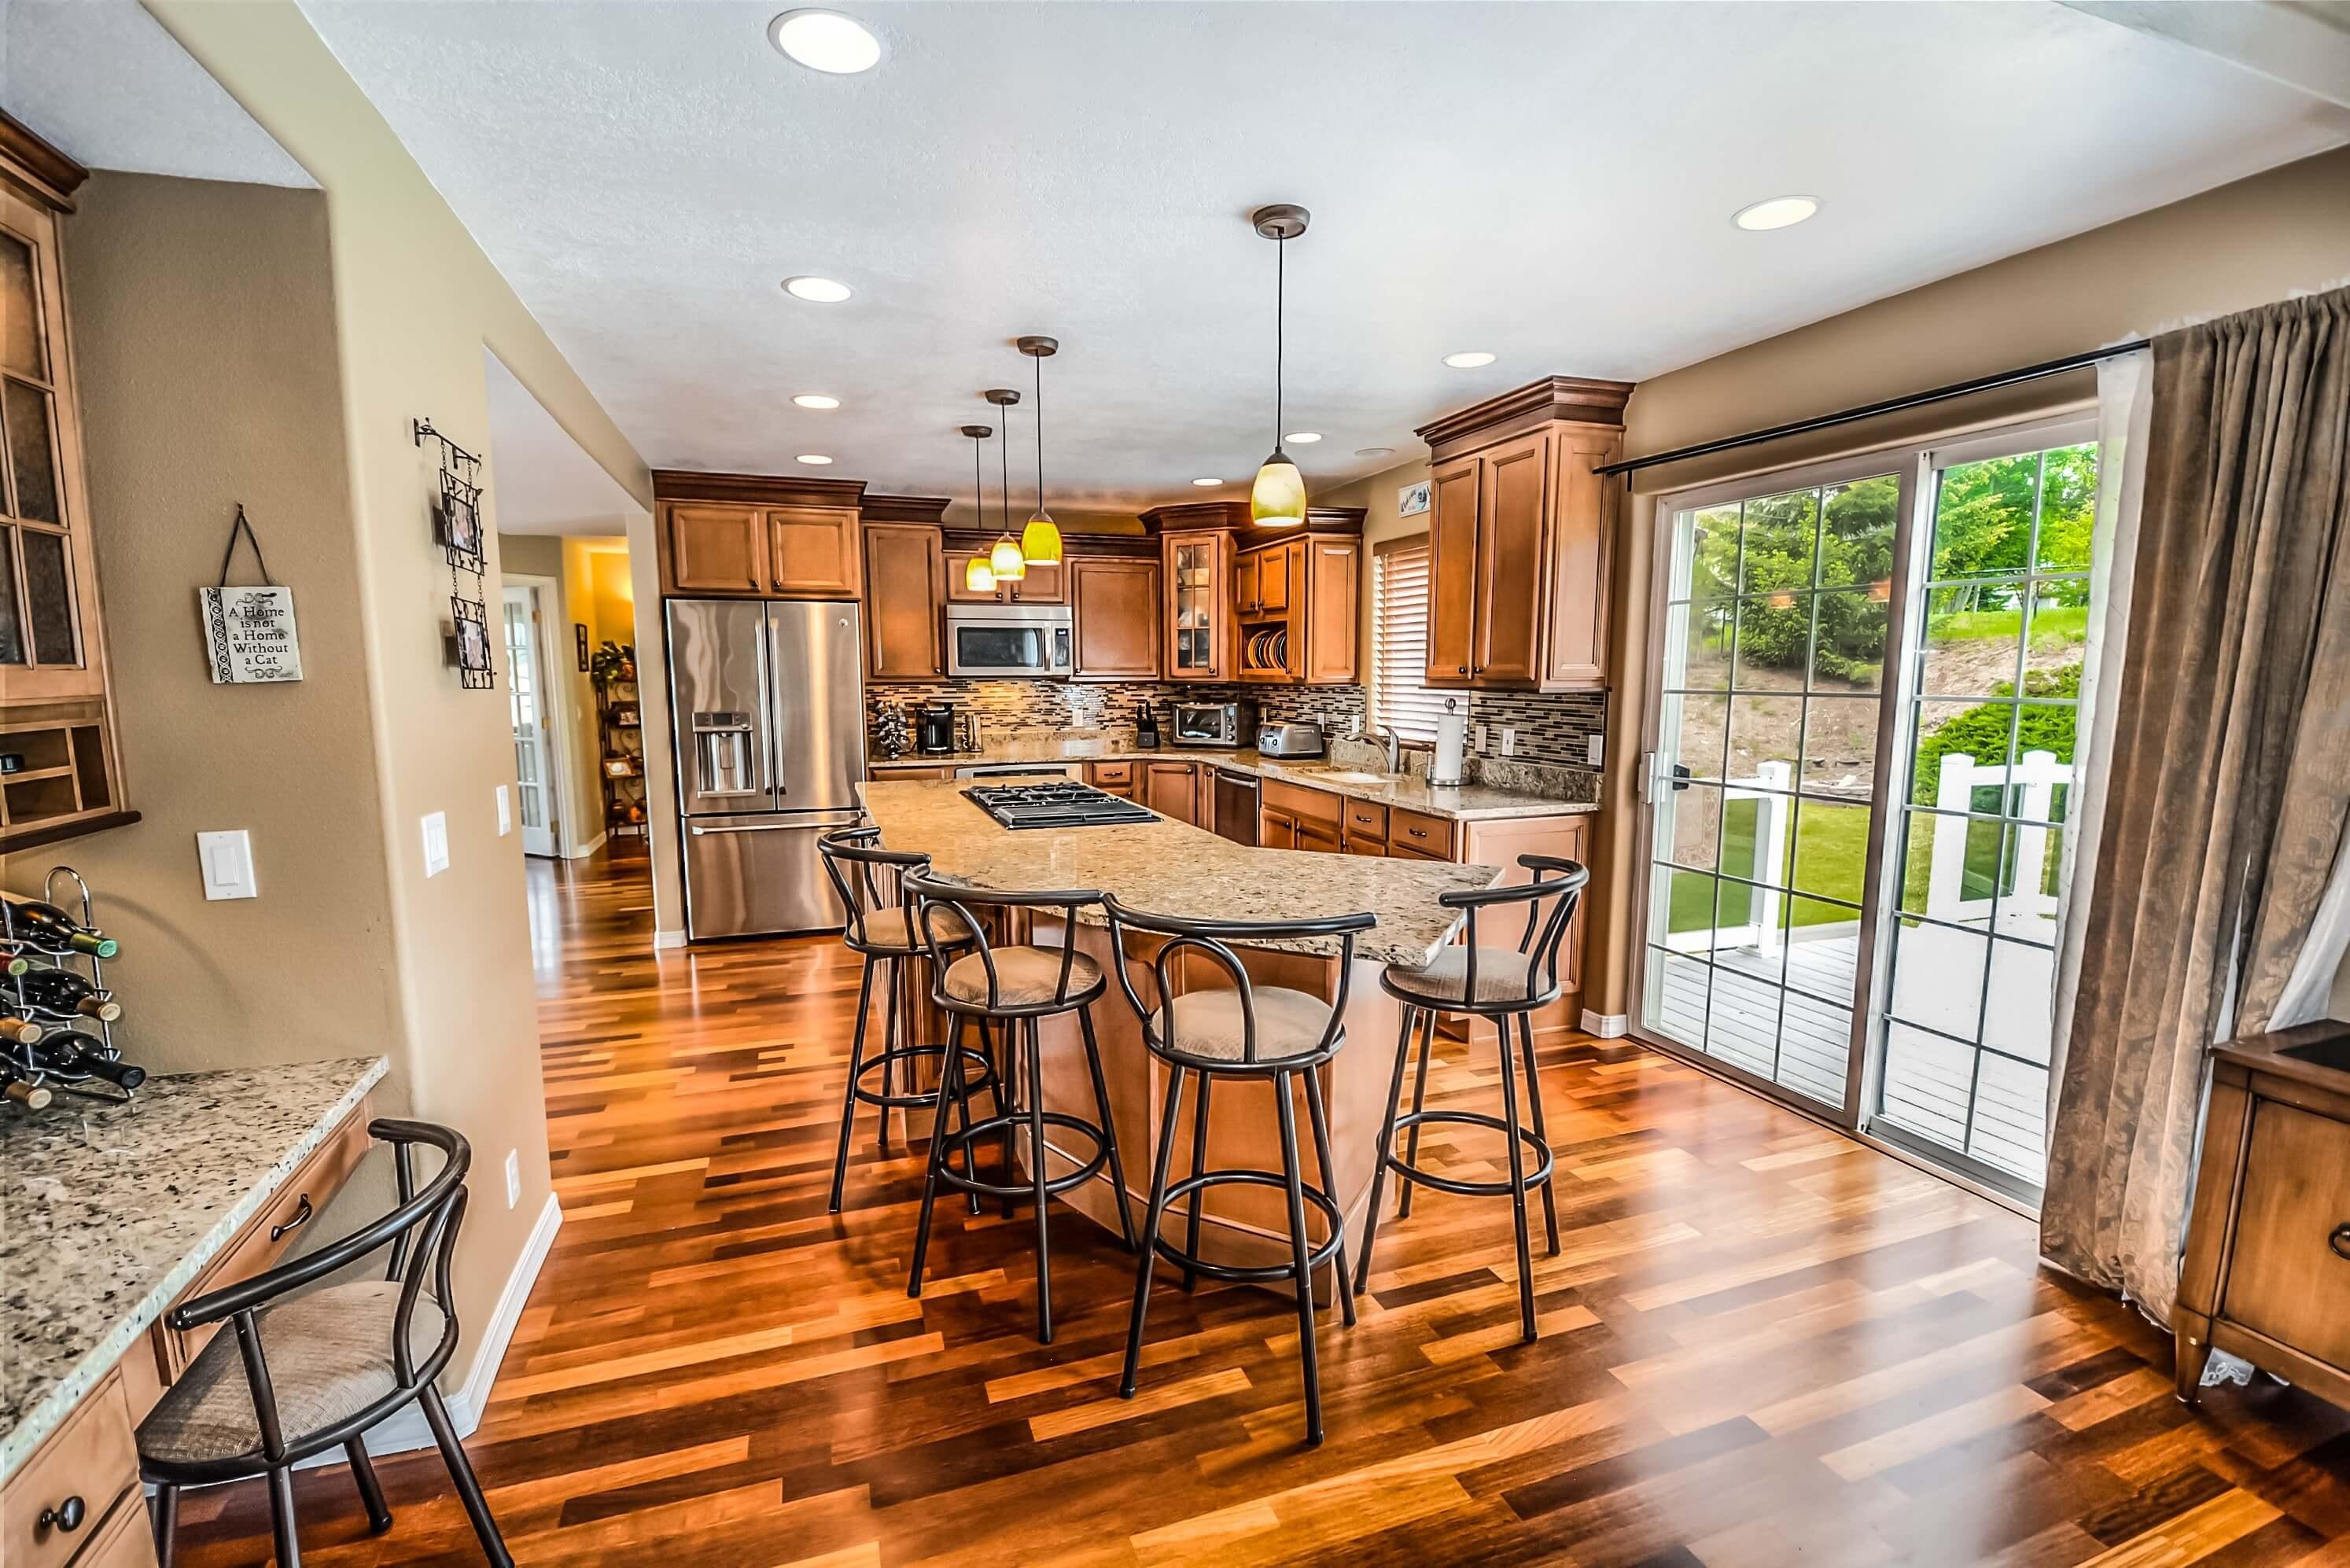 Designing a kitchen for real estate investors